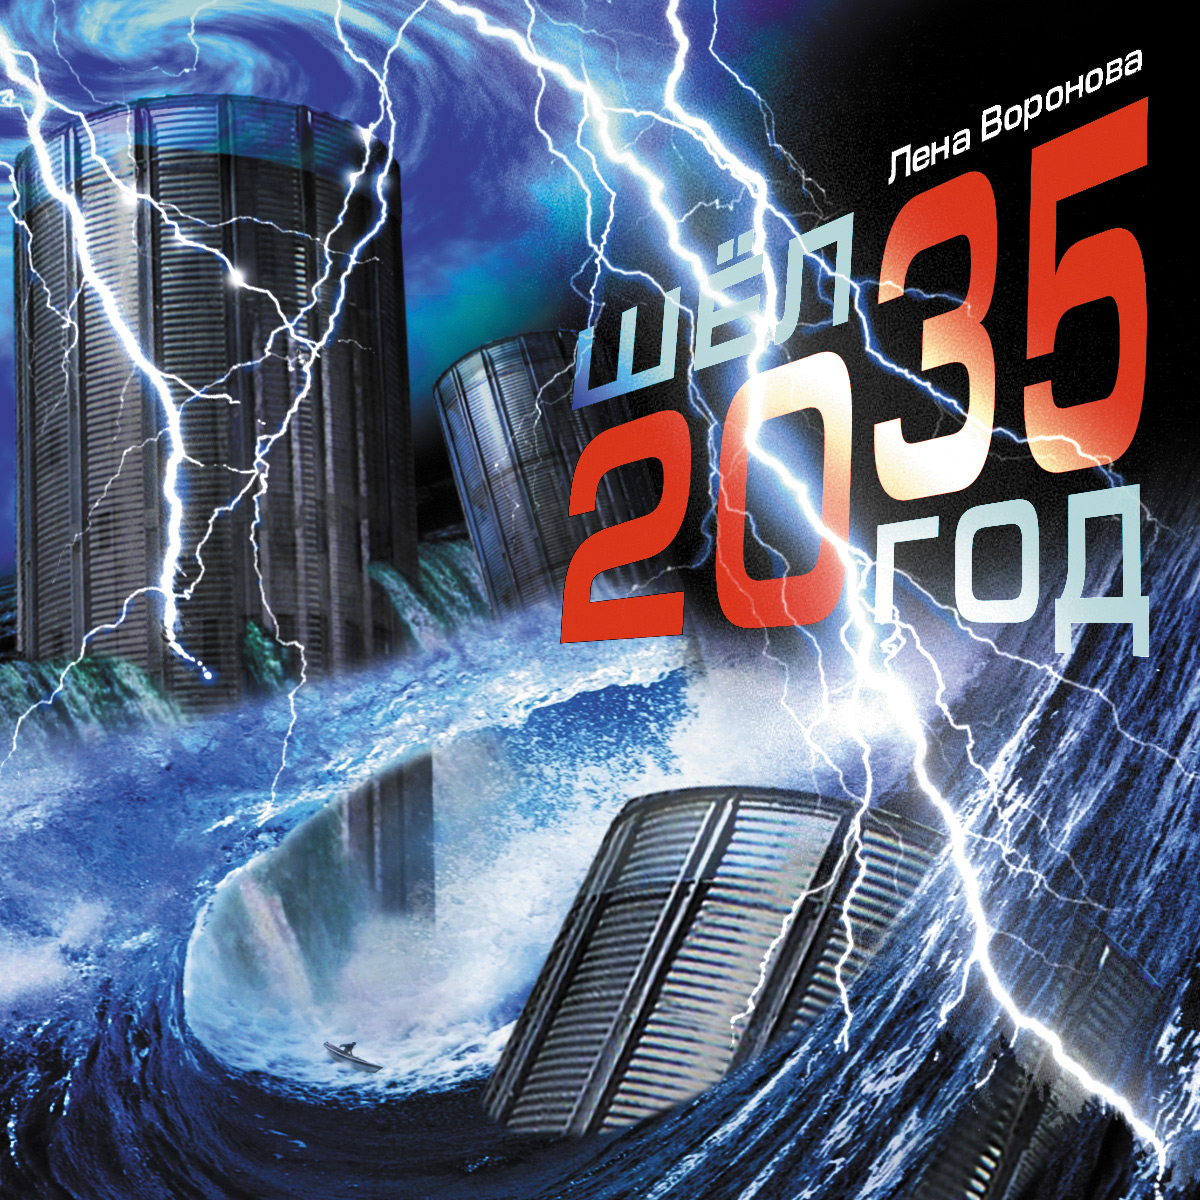 Лена Воронова Шёл 2035 год компьютер